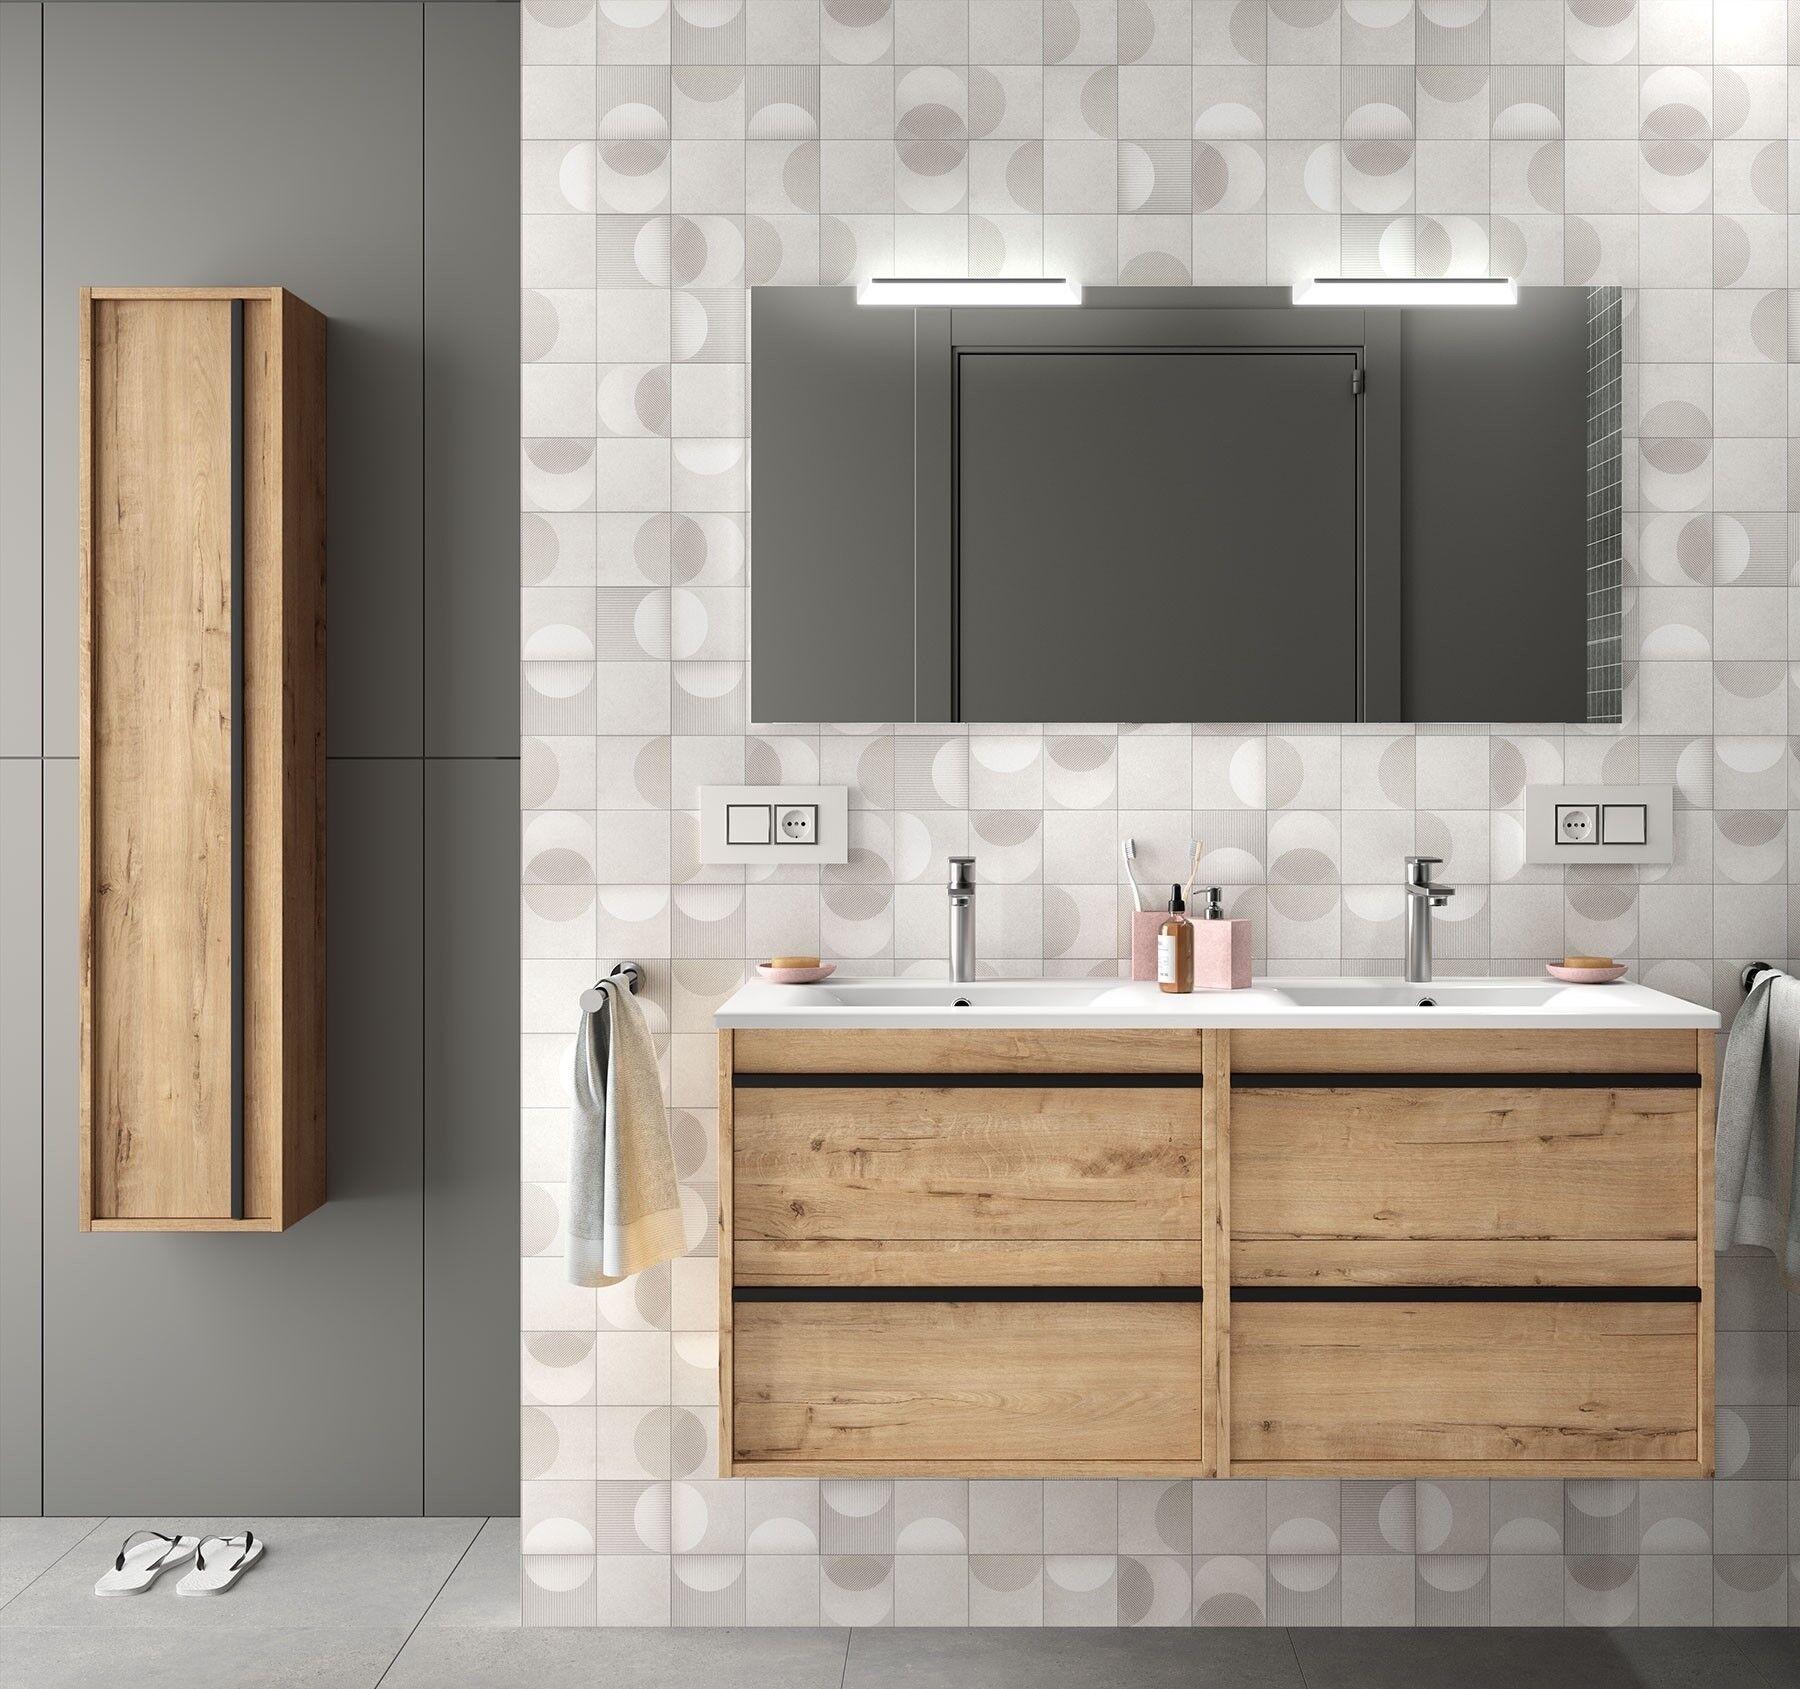 CAESAROO Meuble de salle de bain suspendu 120 cm en bois couleur chêne claire avec lavabo en porcelaine   Avec miroir, double colonne et double lampe LED